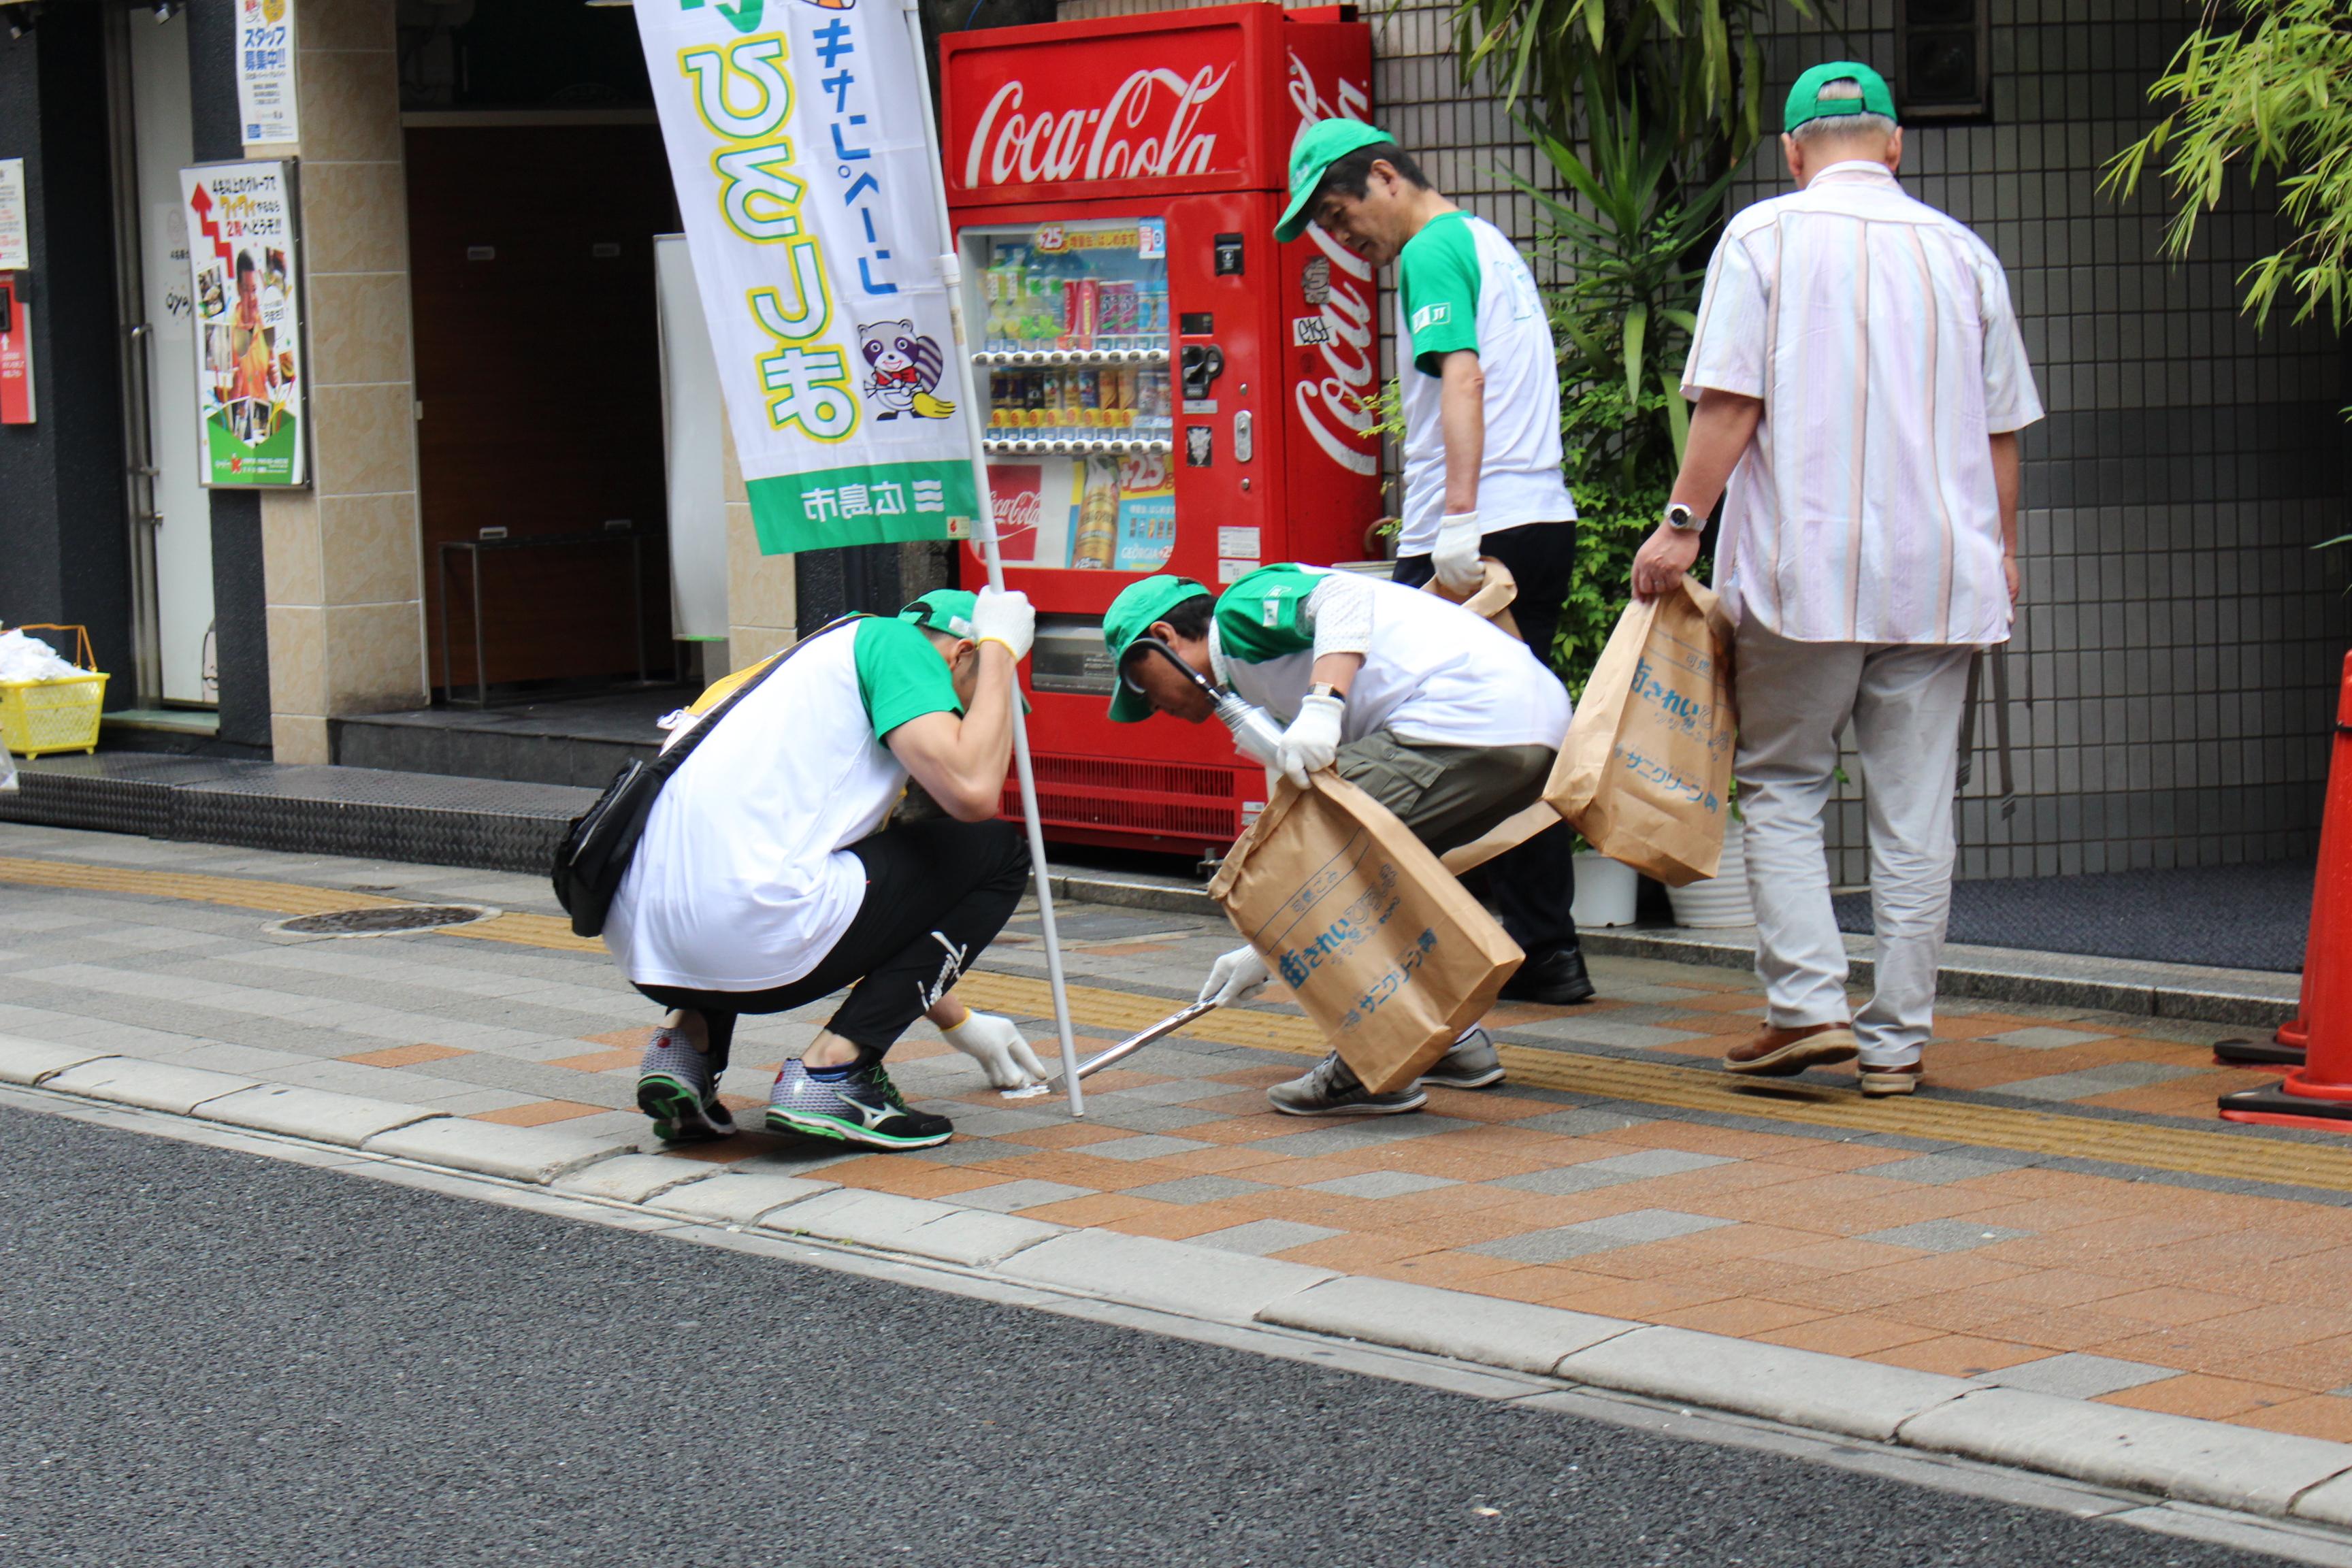 2016年6月5日(日)広島市内で日本列島クリーン大作戦が実施されました